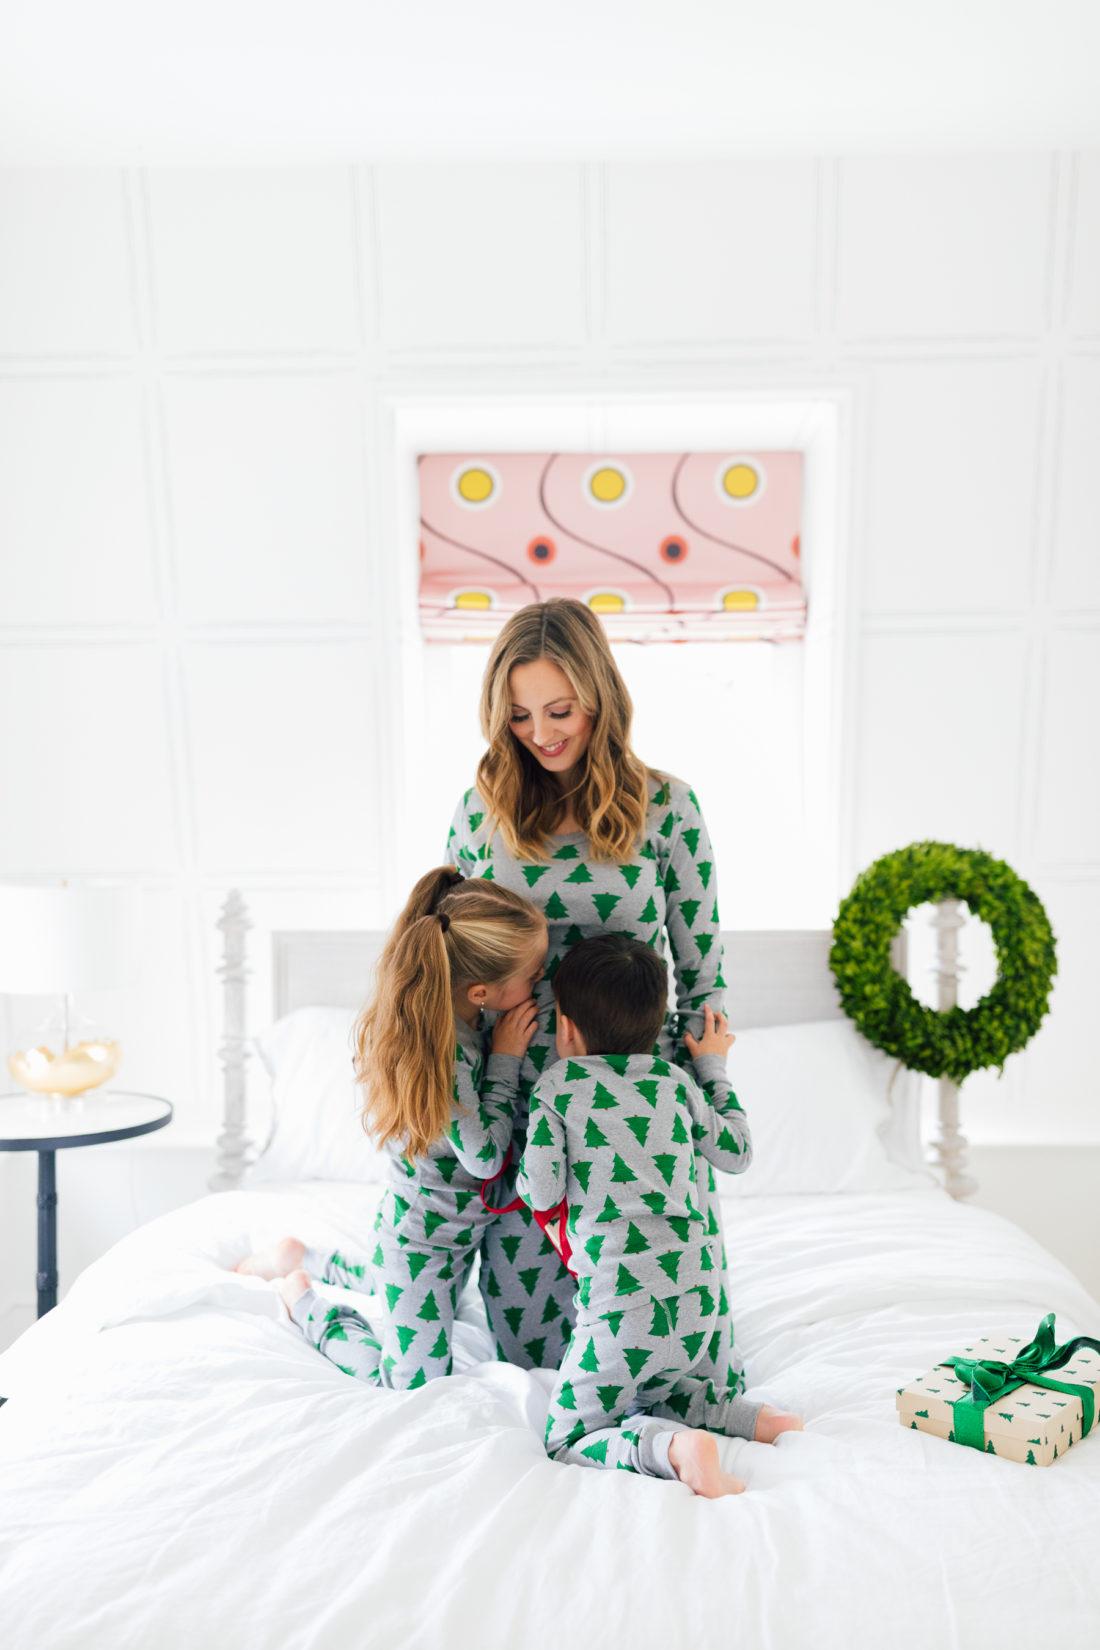 Marlowe Martino kisses mother Eva's baby bump wearing matching holiday pajamas